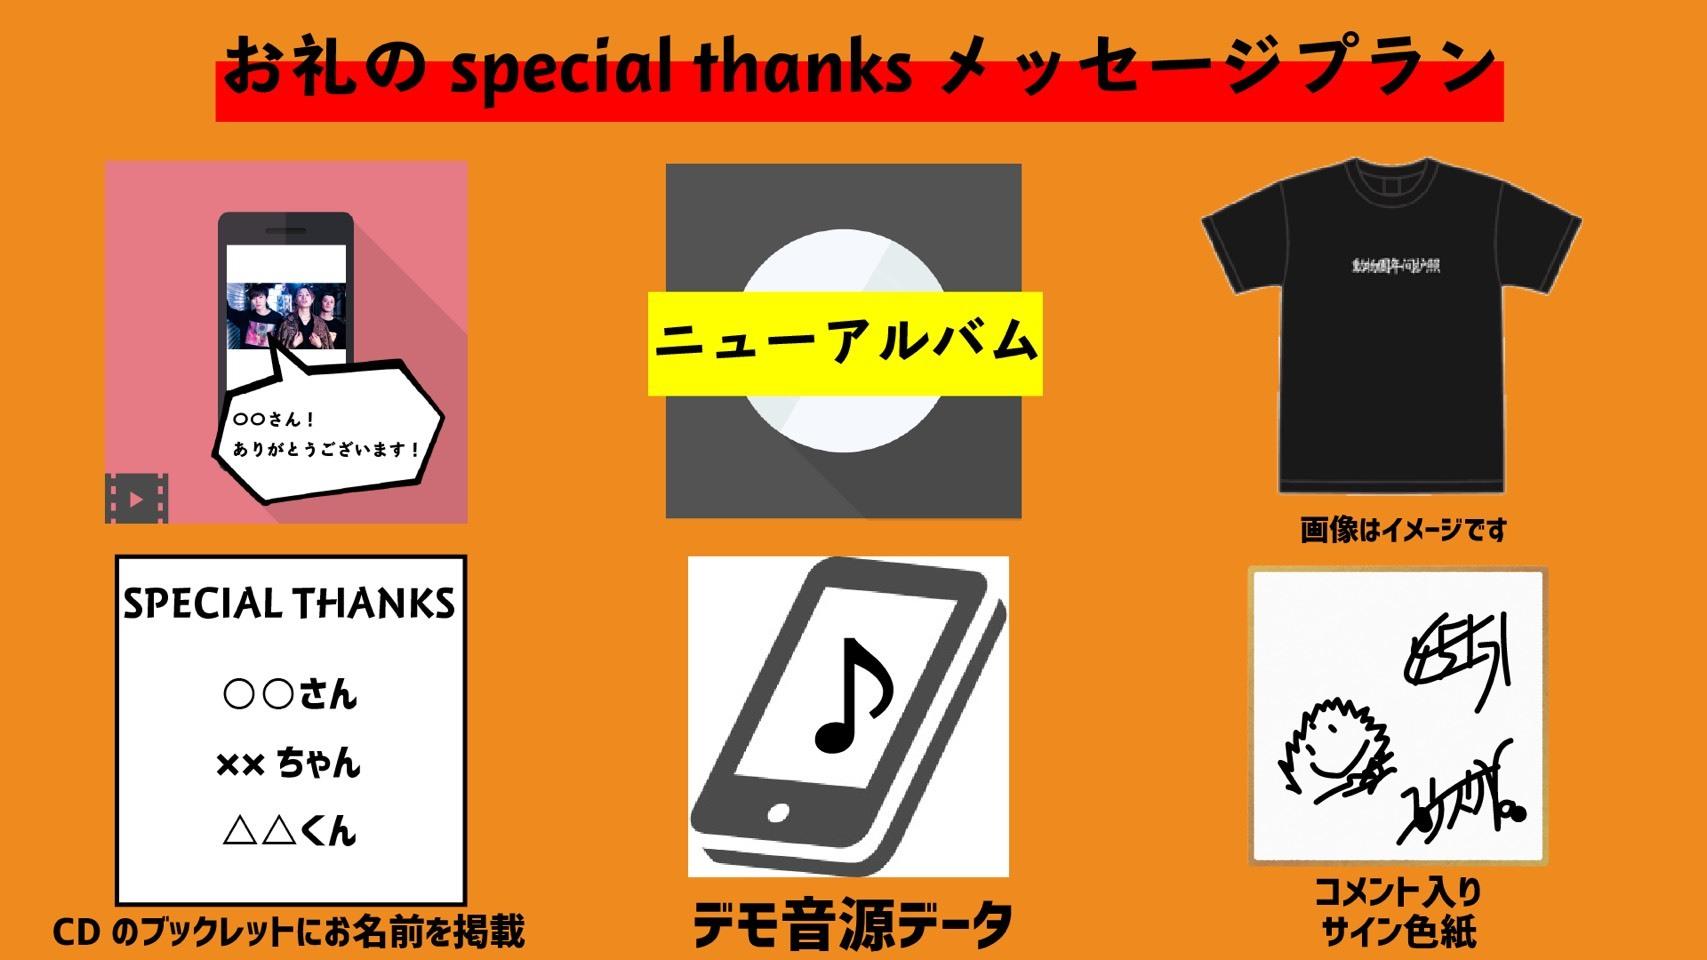 <お礼のspecial thanks メッセージ プラン>